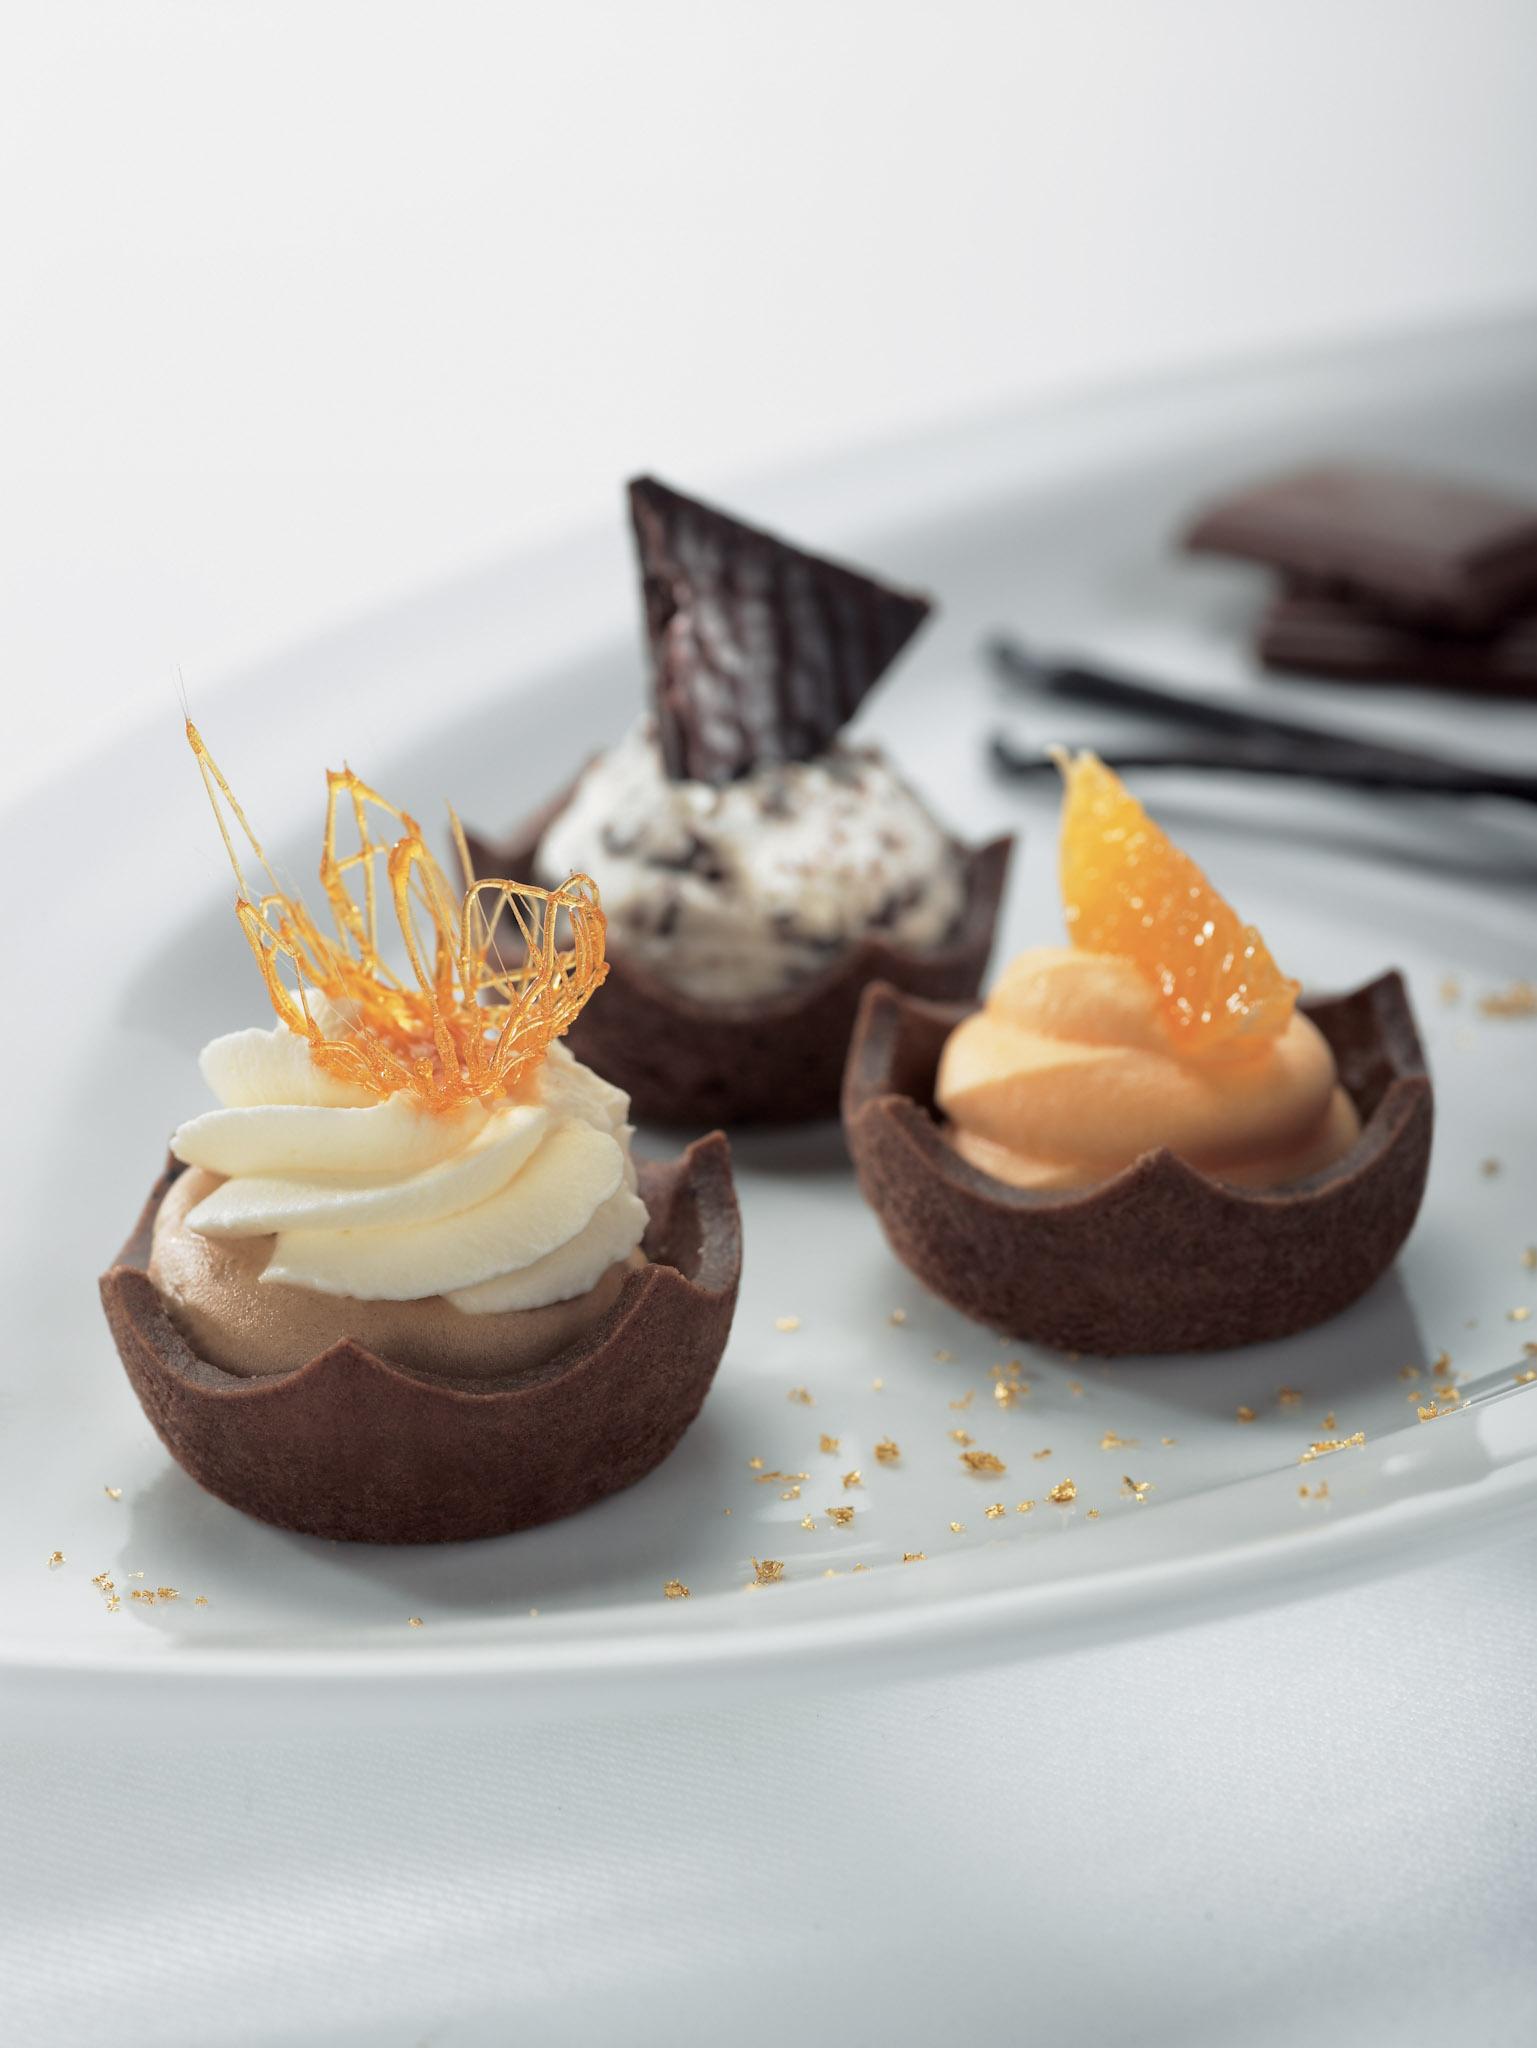 Royal čokoládové tartelettes 5 cm plato 23 ks